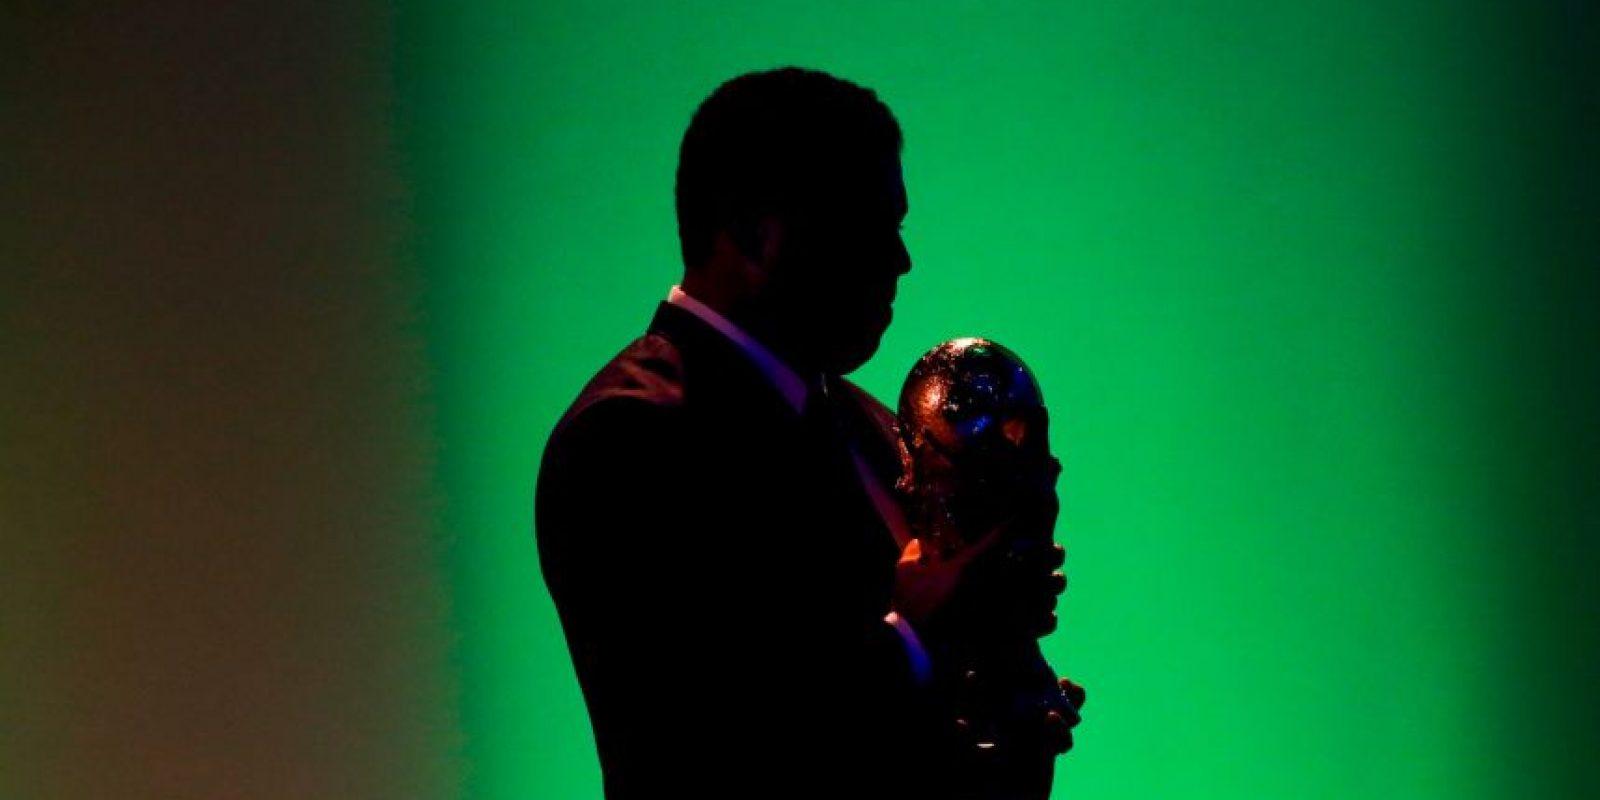 Ganó dos Copas del Mundo: Estados Unidos 1994 y Corea-Japón 2002 Foto:Getty Images